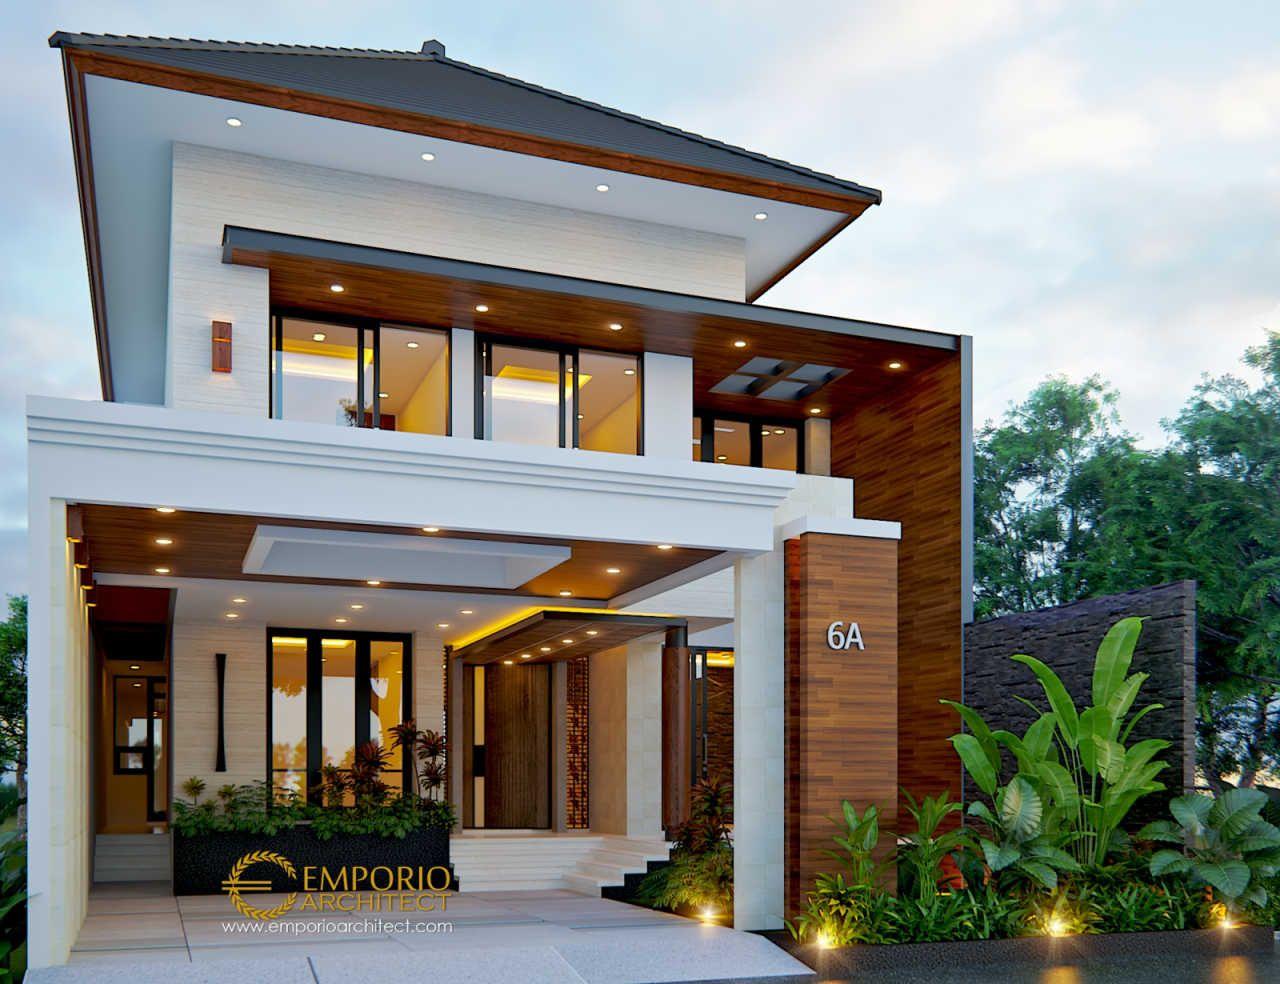 Desain Rumah Modern 2 Lantai Bapak Anton Di Jakarta Jasa Arsitek Desain Rumah Berkualitas Desain Villa Bali Modern Pr Di 2020 Desain Rumah Desain Rumah Modern Rumah